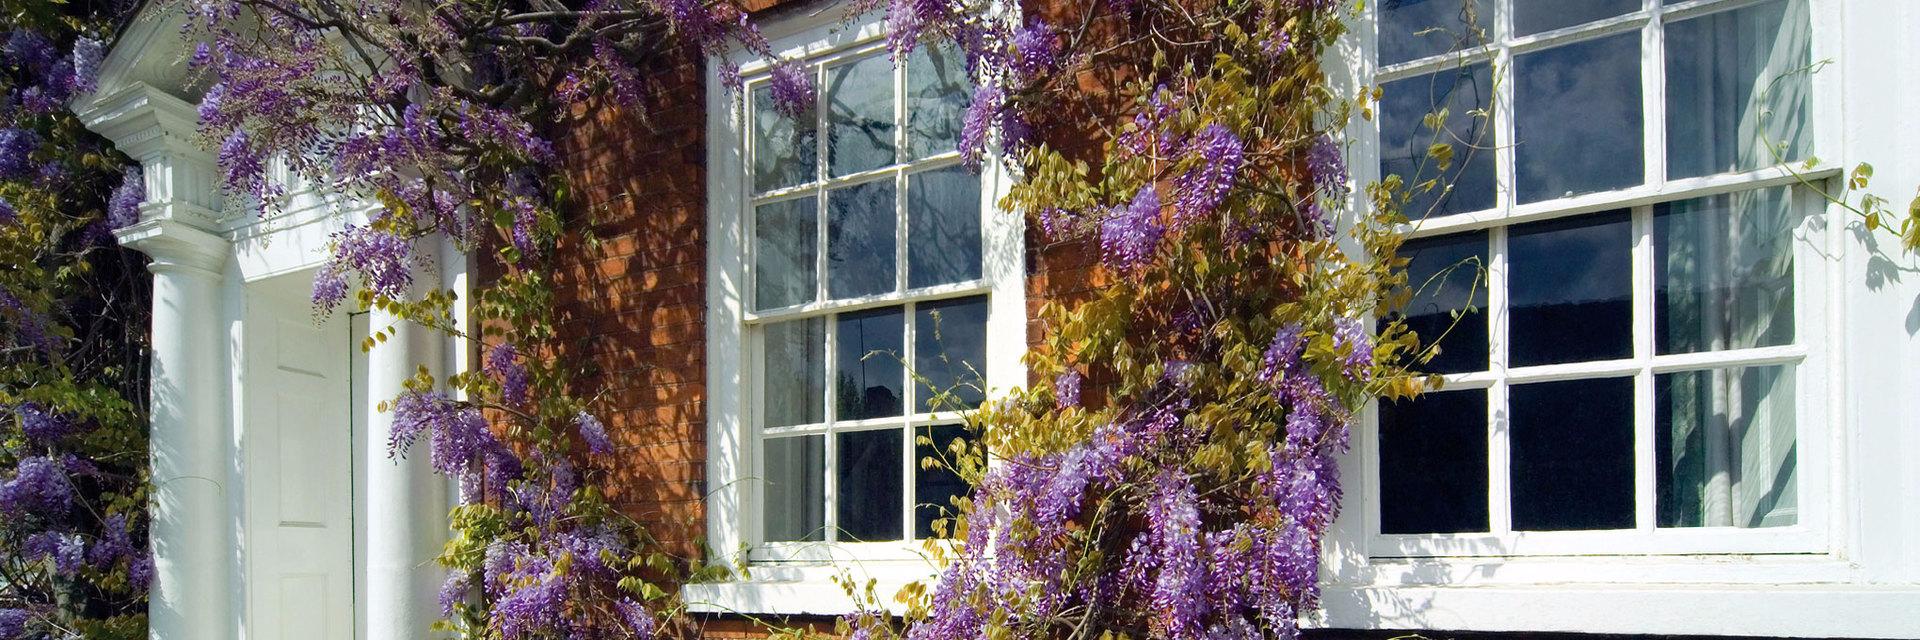 Finestre ghigliottina in legno finestre saliscendi in legno home - Finestre a ghigliottina ...